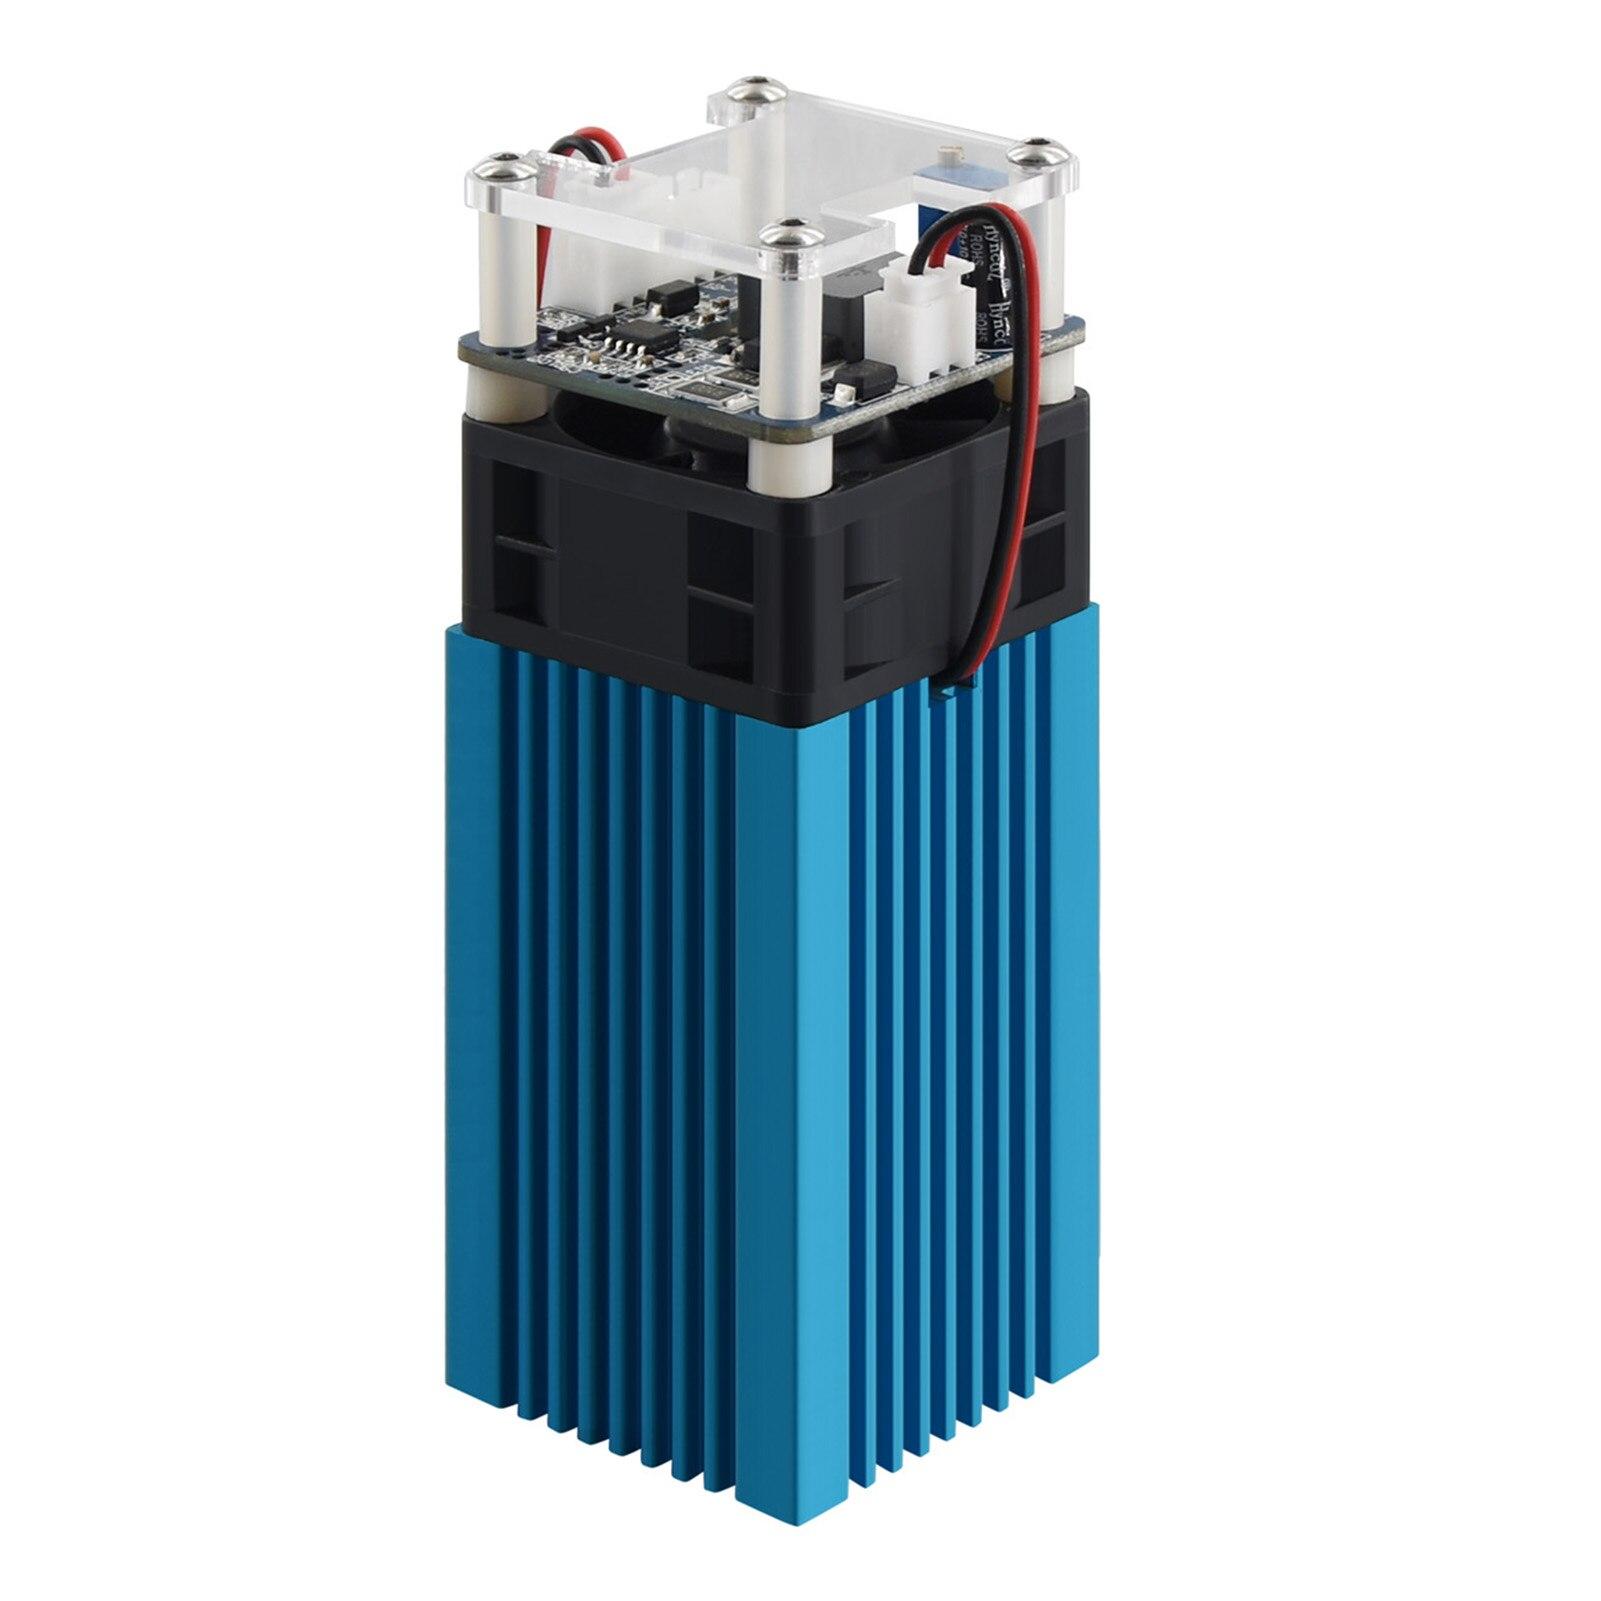 Лазерный Модуль LD + FAC, 40 Вт, 5,5 Вт, 450 нм, Непрерывный лазер, быстрая резка, Высокоточный гравер с блоком фокусировки, модуль для принтера, резак...